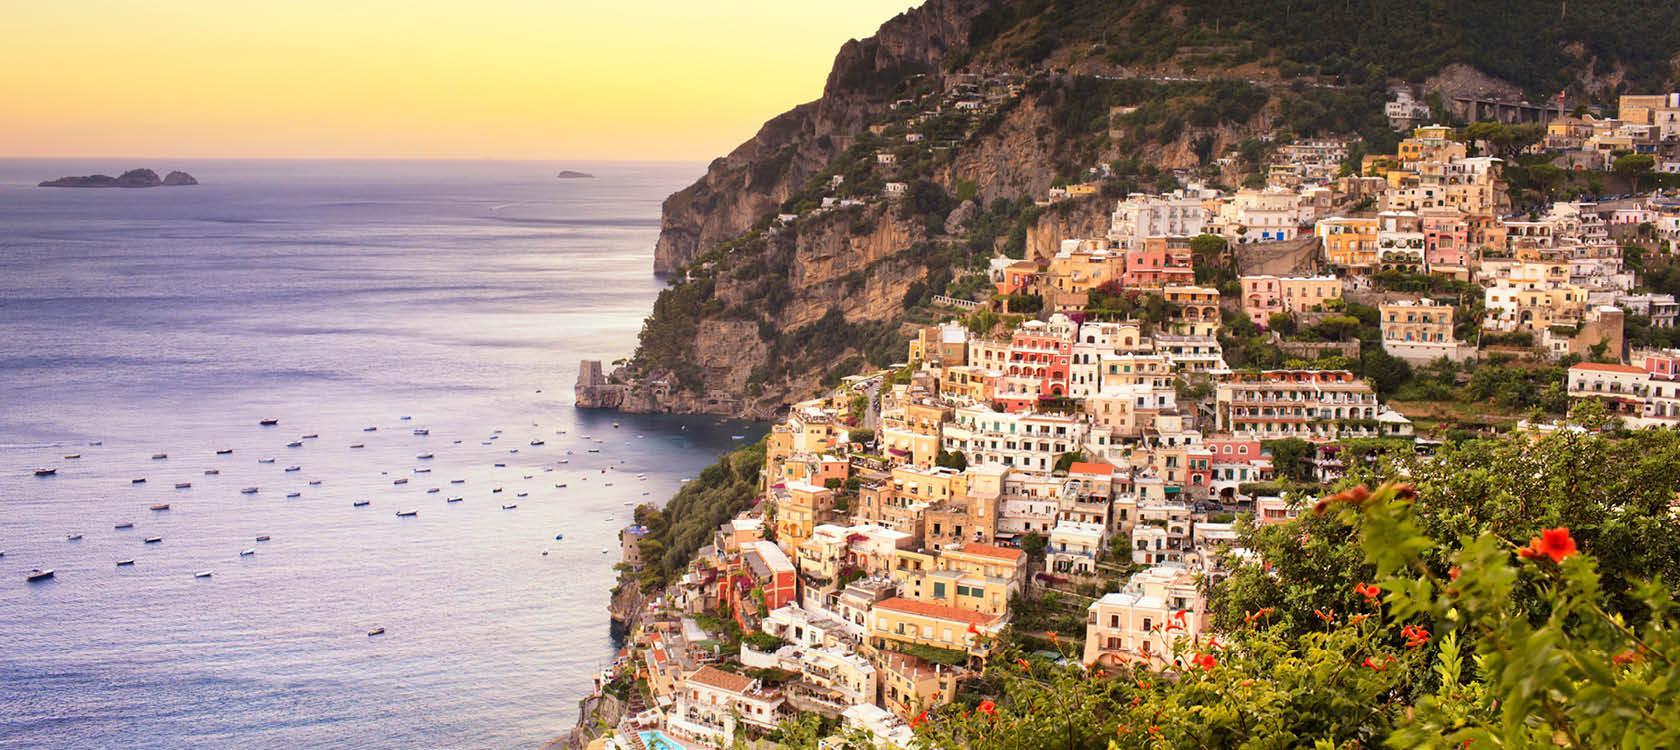 Kystby med en fantastisk udsigt på Amalfikysten